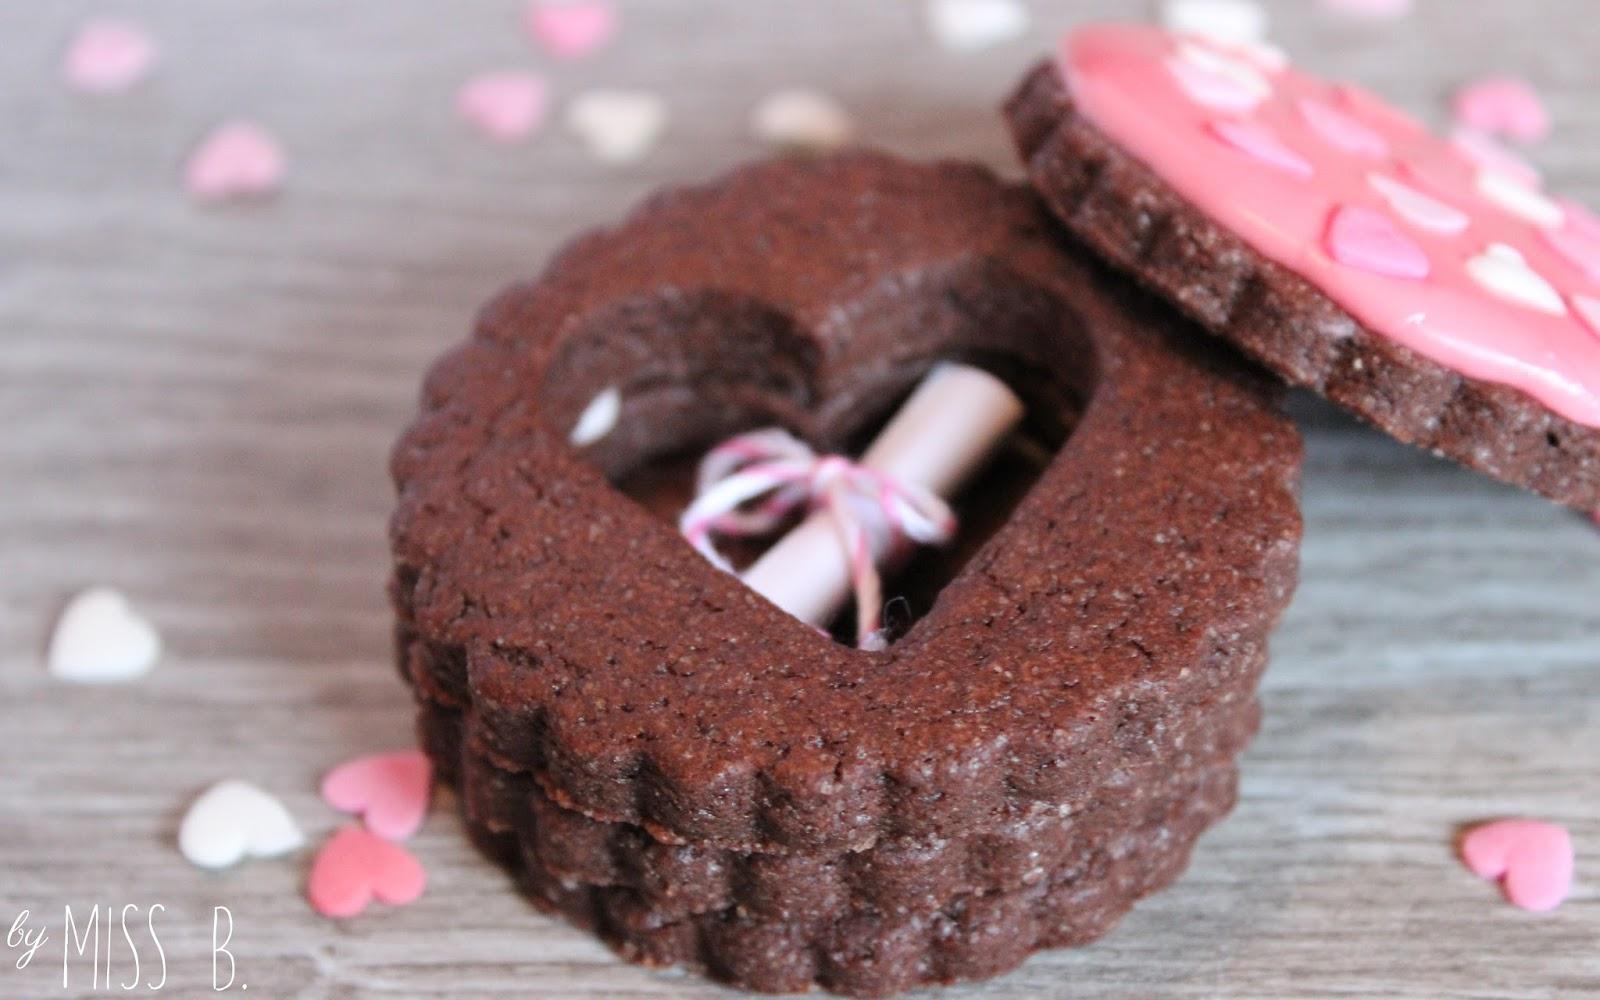 Schön In 10 Tagen Ist Valentinstag! Wenn Ich Ehrlich Bin Haben Mein Freund Und  Ich Uns Nie So Wirklich Etwas Aus Dem Valentinstag Gemacht.